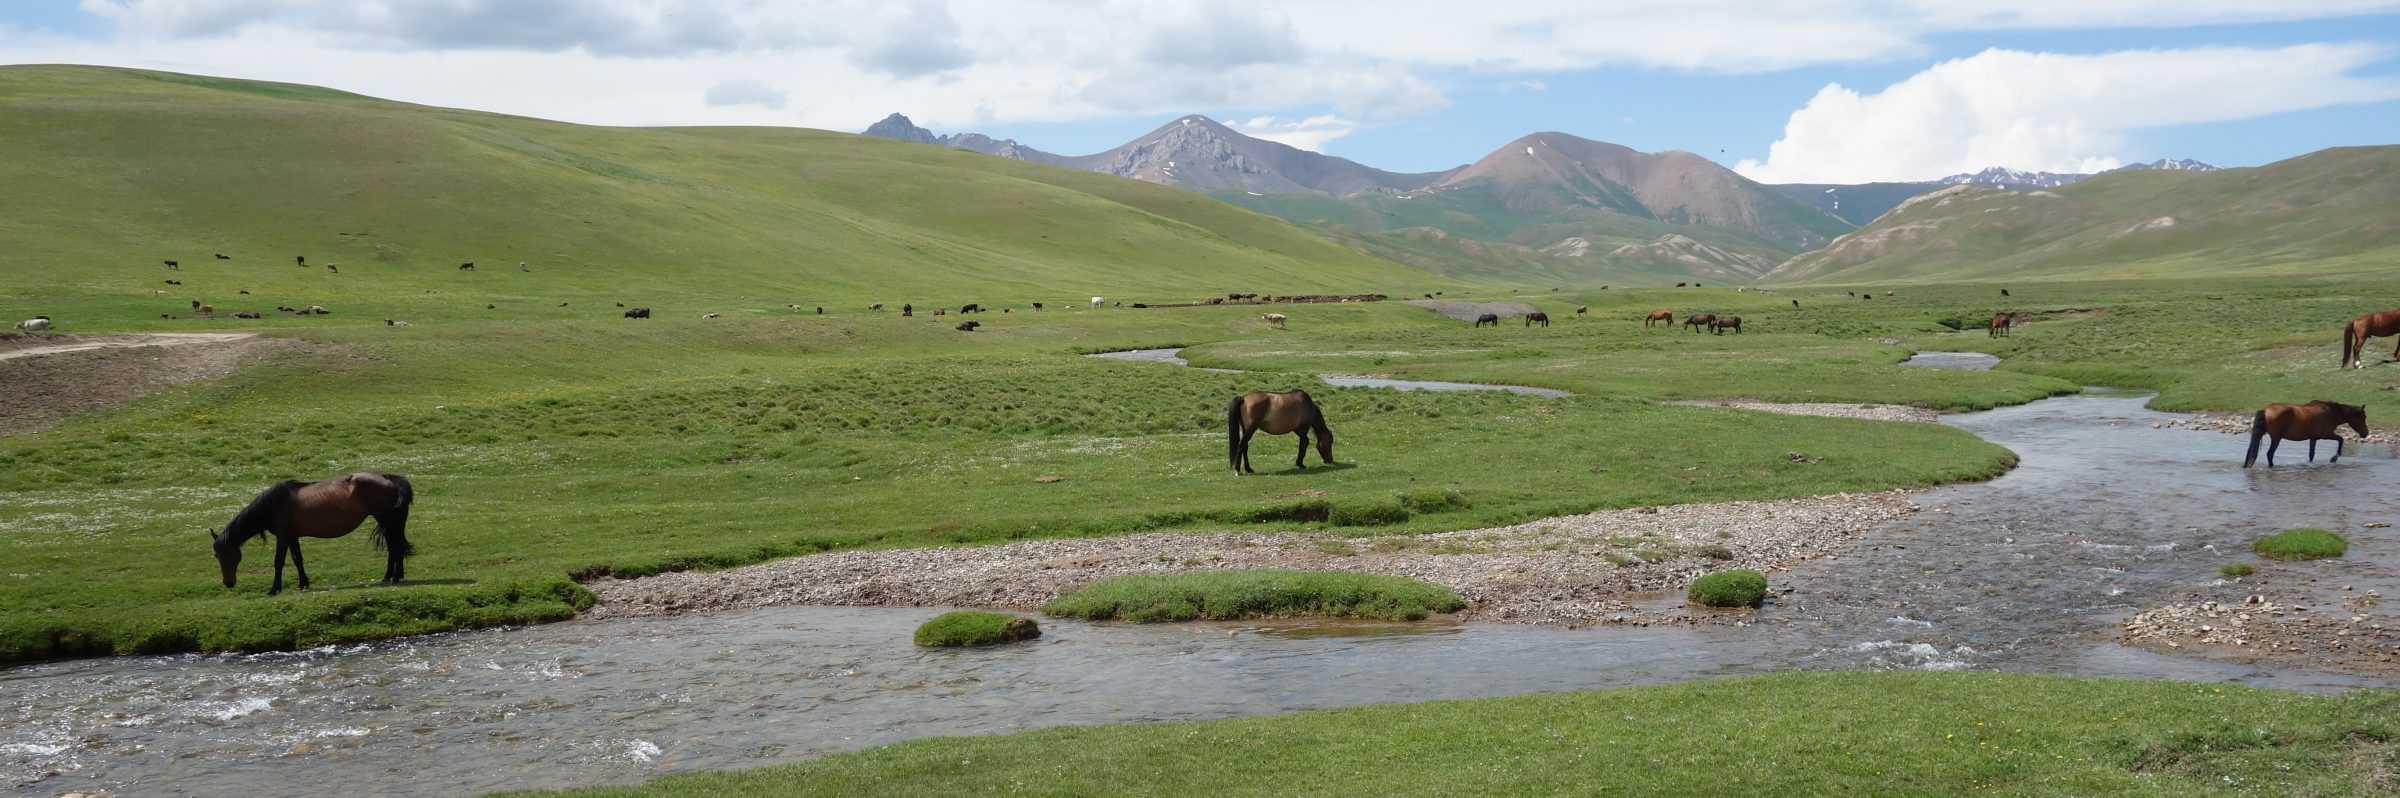 Lake Song-Kul, Kyrgyzstan